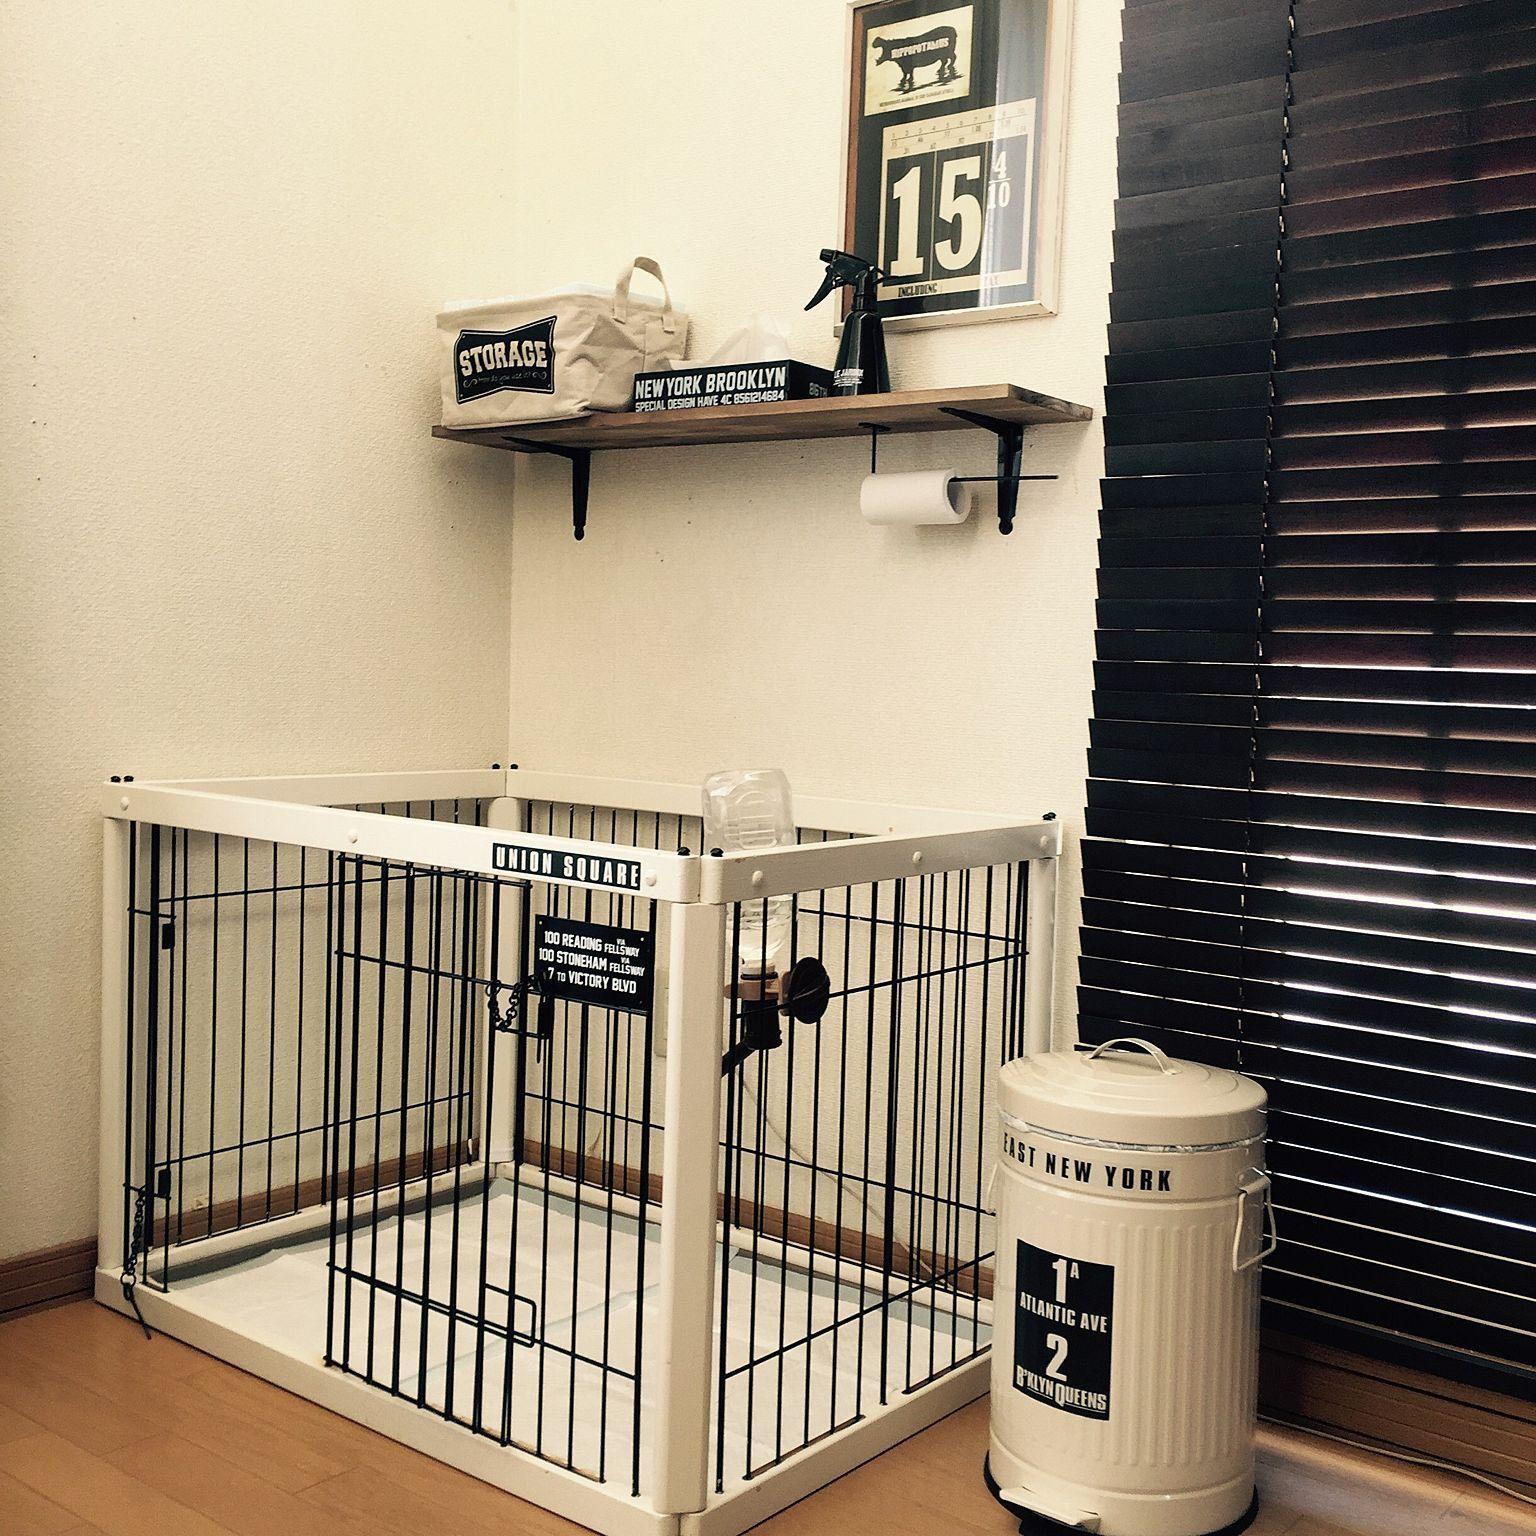 玄関 入り口 ニトリ ペットゲージ 犬のいる暮らし シンプルにしたい などのインテリア実例 2017 03 10 18 57 01 Roomclip ルームクリップ ペットゲージ ゲージ 犬 リビング ケージ